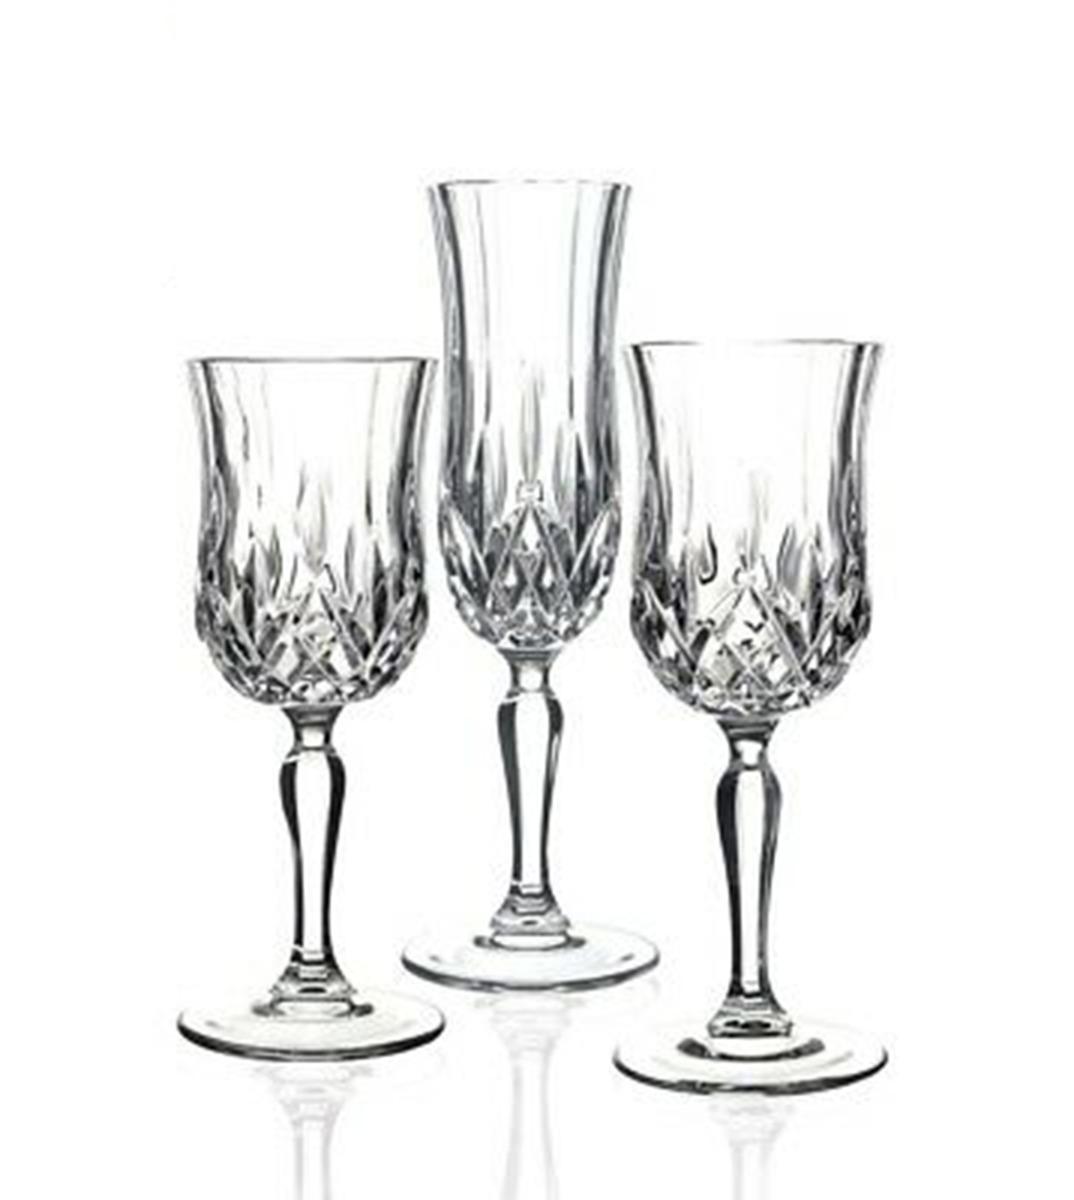 Calici Vino E Acqua set bicchieri calici opera 18 pezzi acqua vino flute vetro cristalleria  italiana rcr giosal